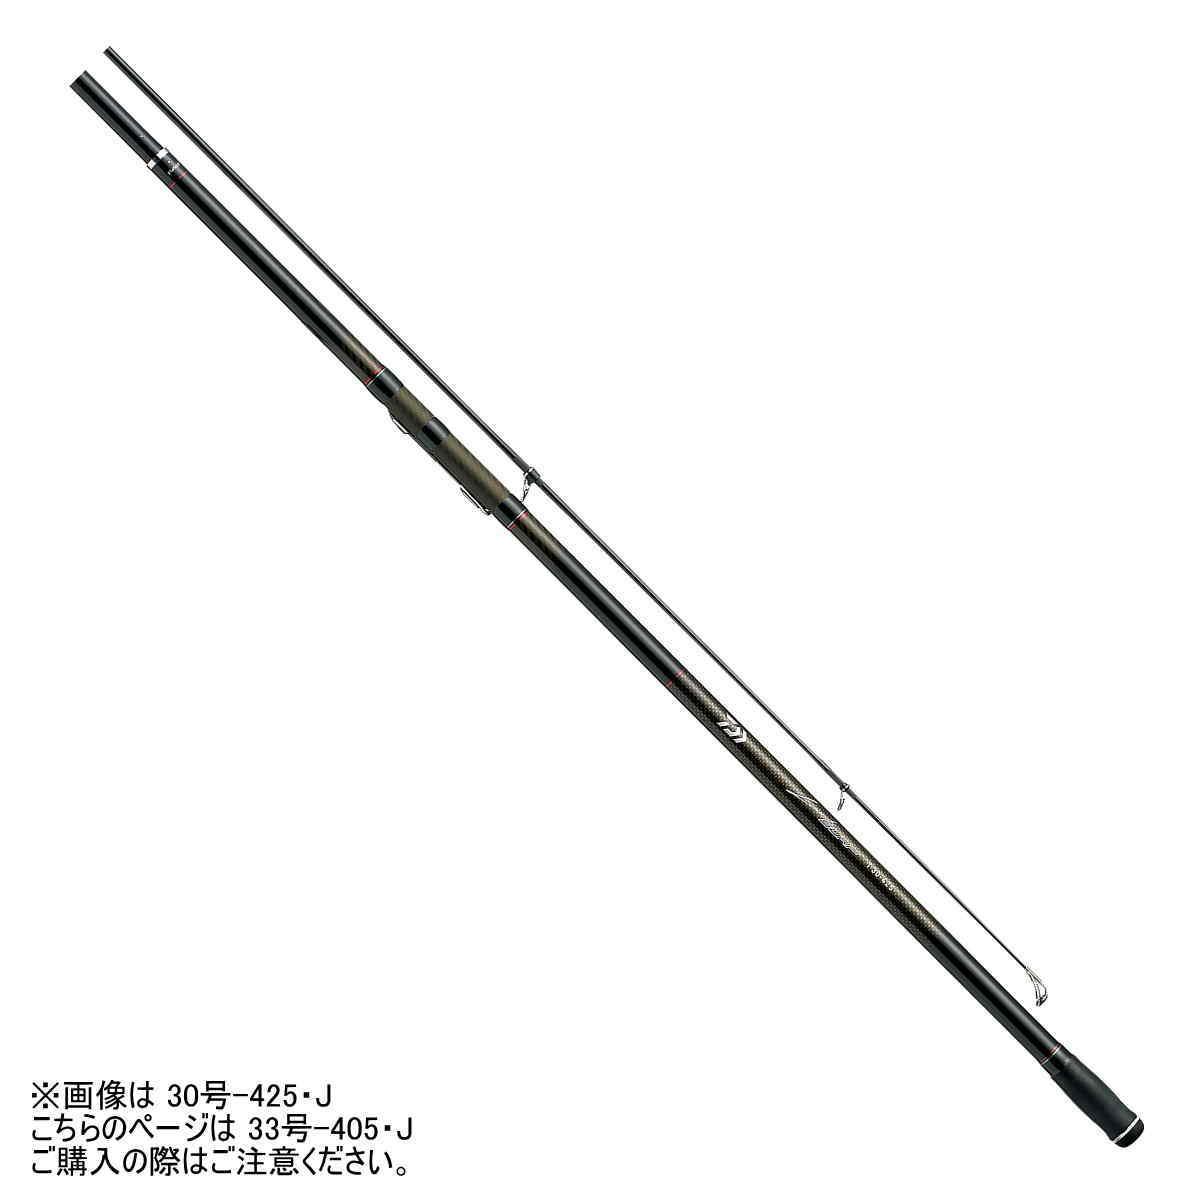 【送料無料5】ダイワ ロッド ランドサーフT 33号-405・J